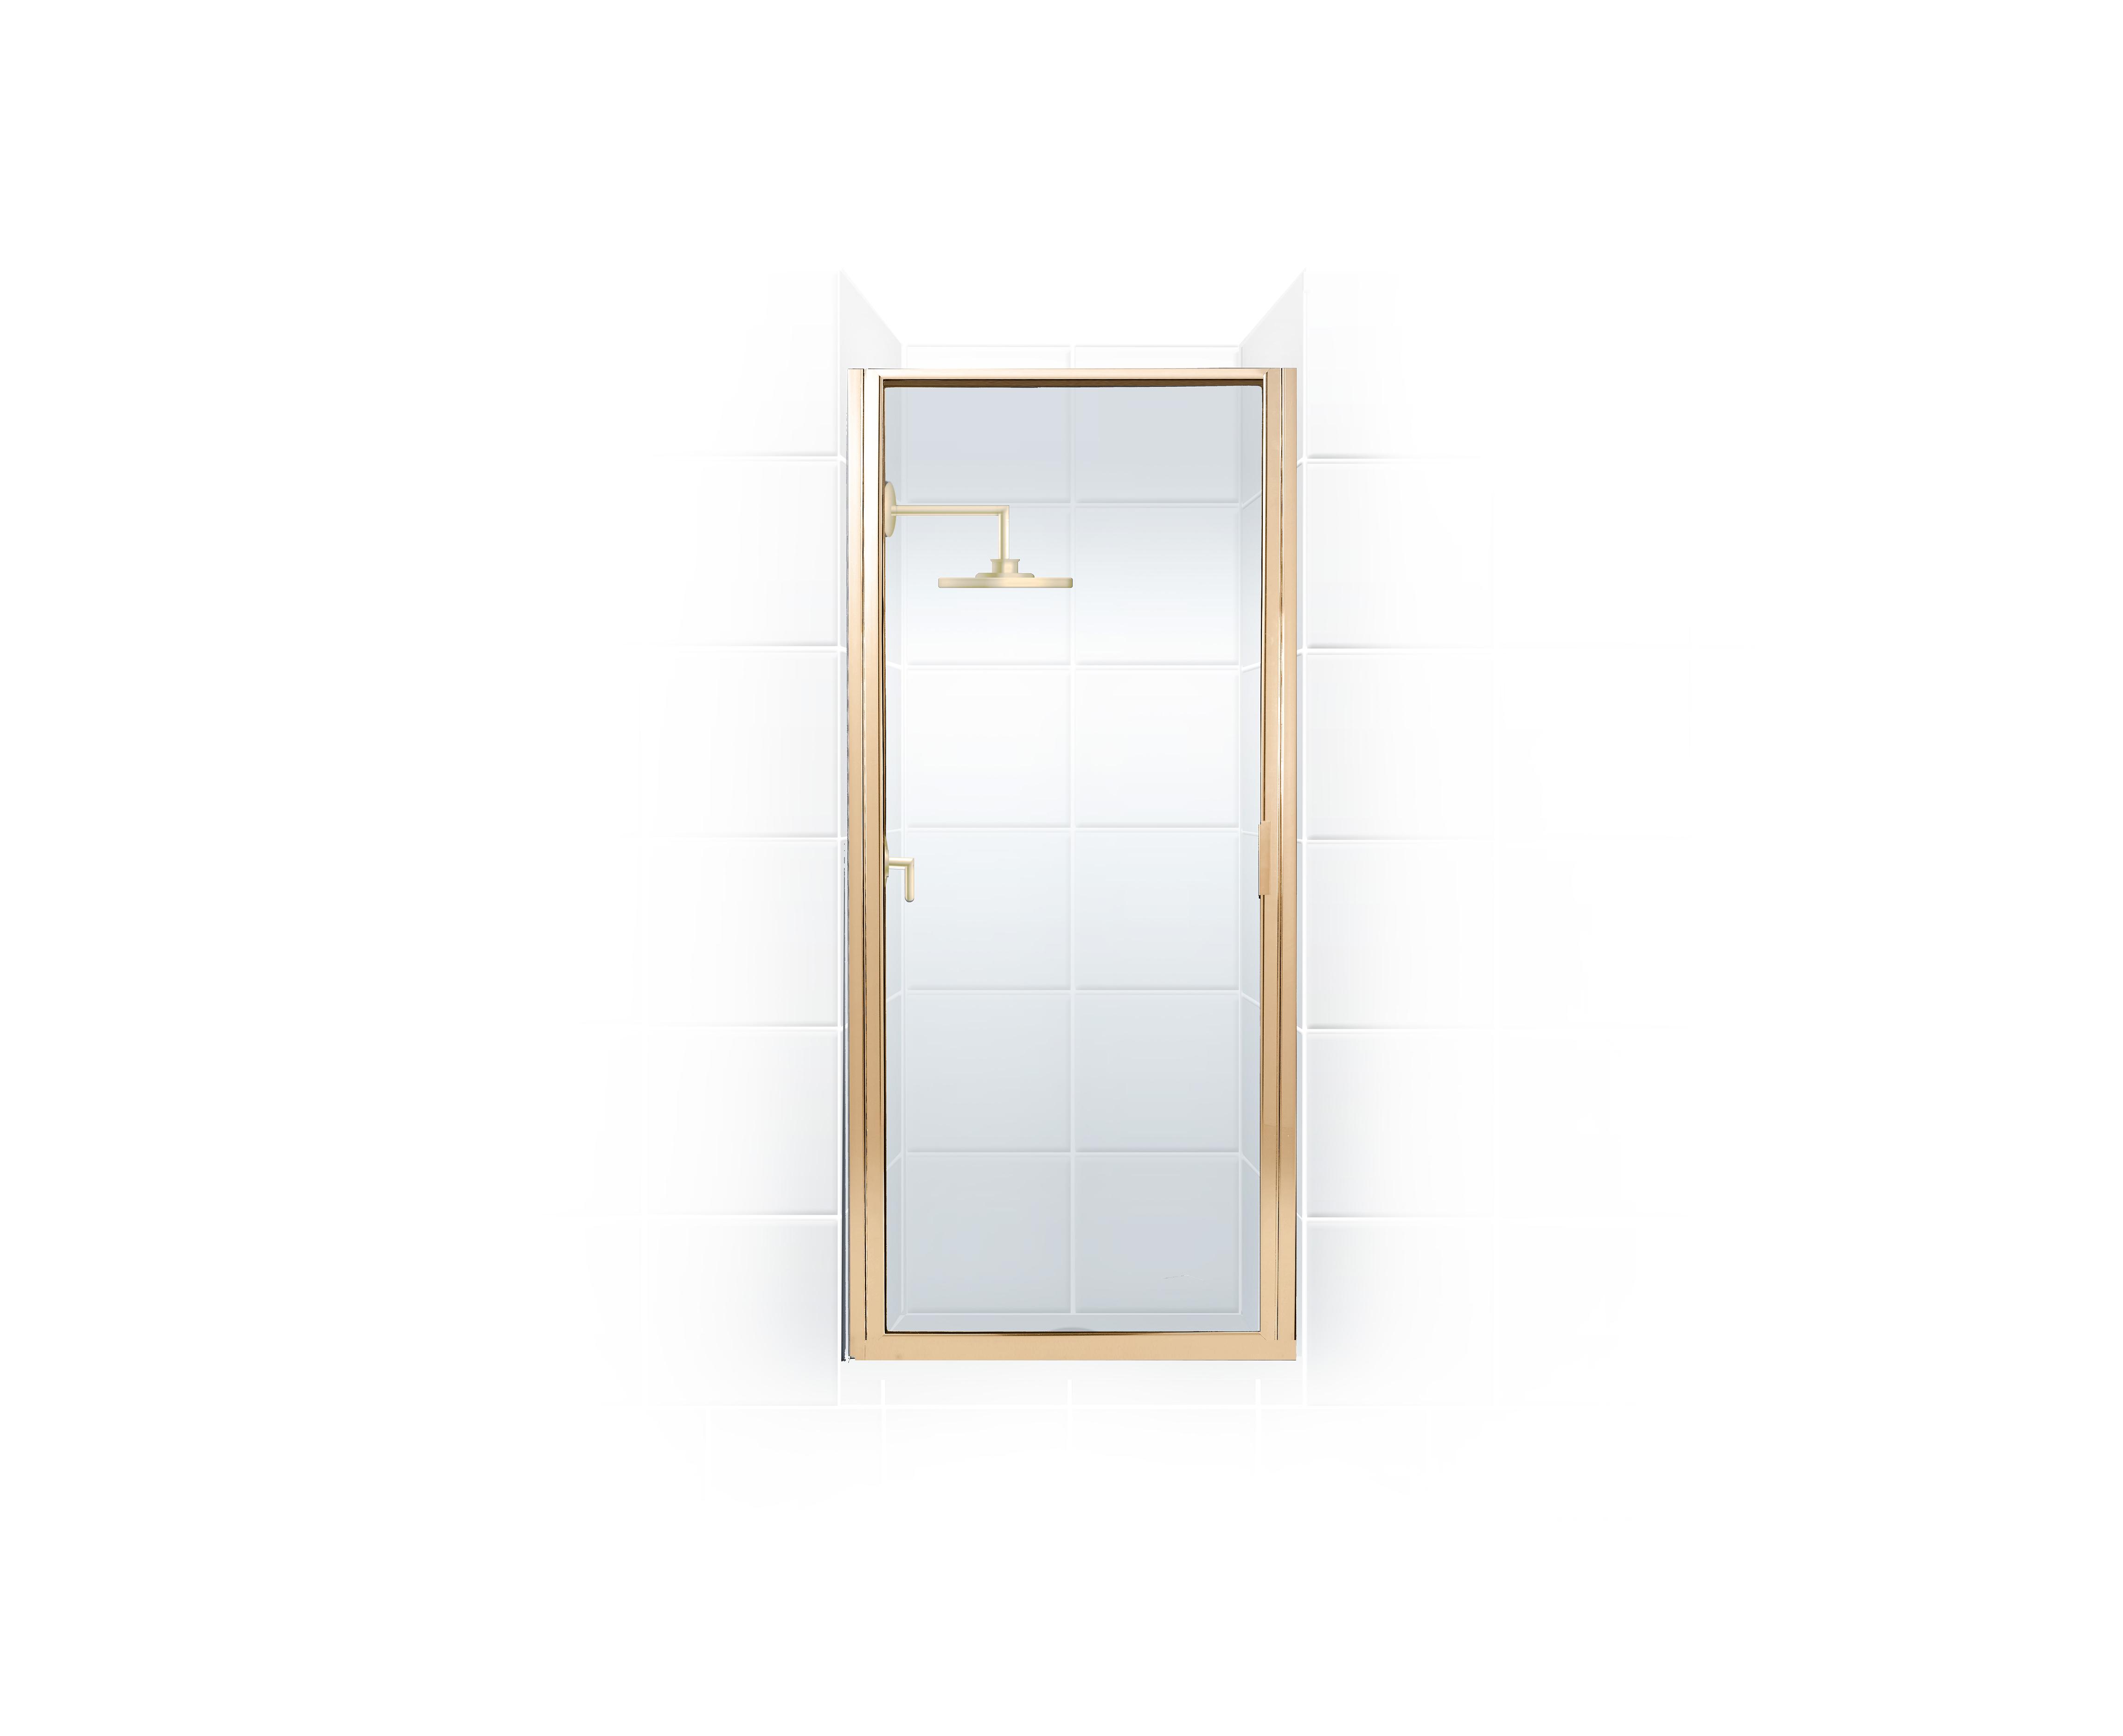 coastal industries paragon shower door